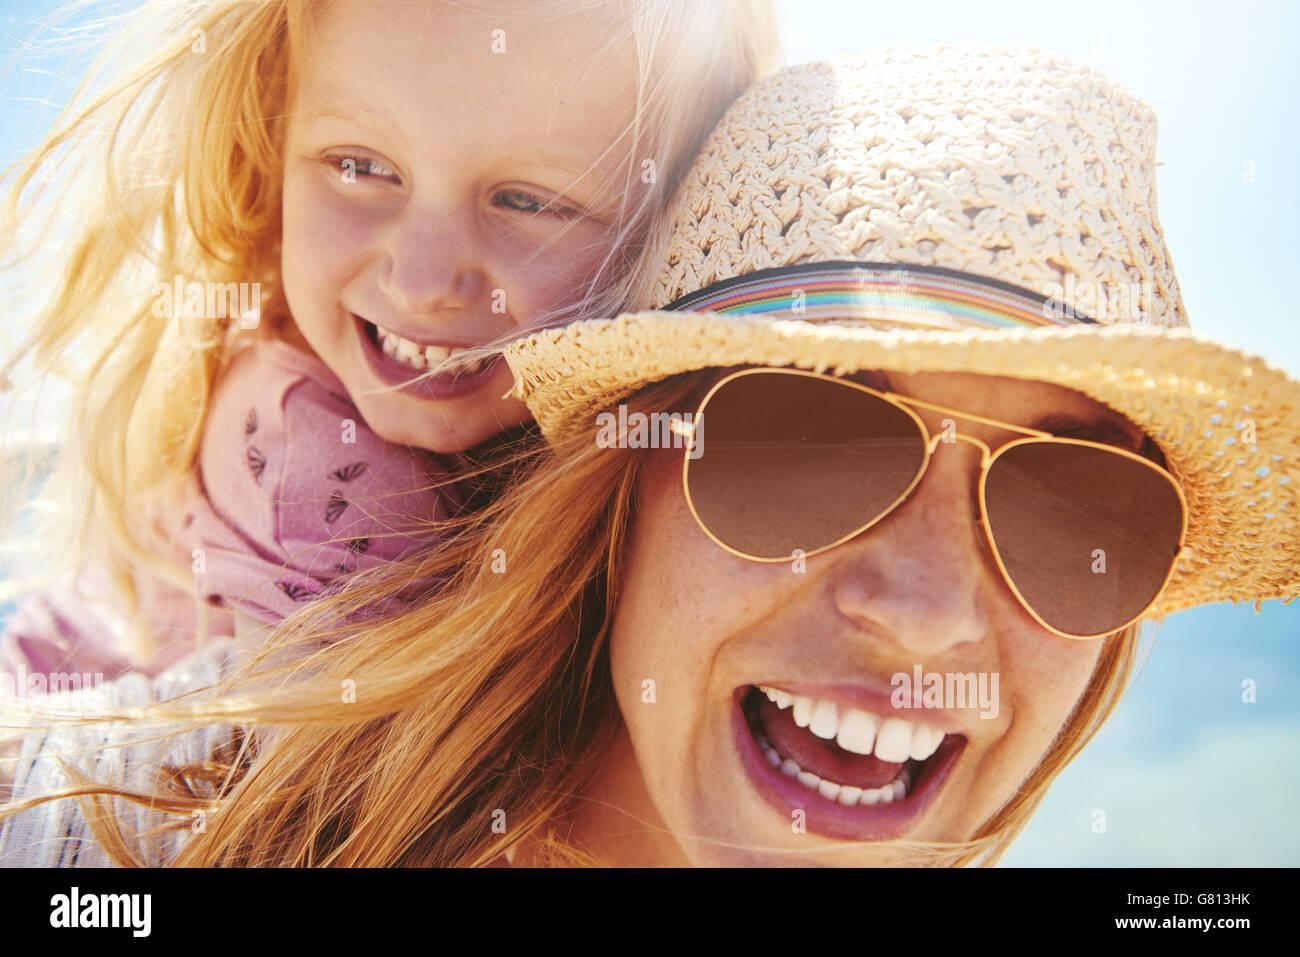 Junge Mutter in einer trendigen Hut und eine Sonnenbrille geben ihrer kleinen Tochter ein Huckepack im Freien in Stockbild